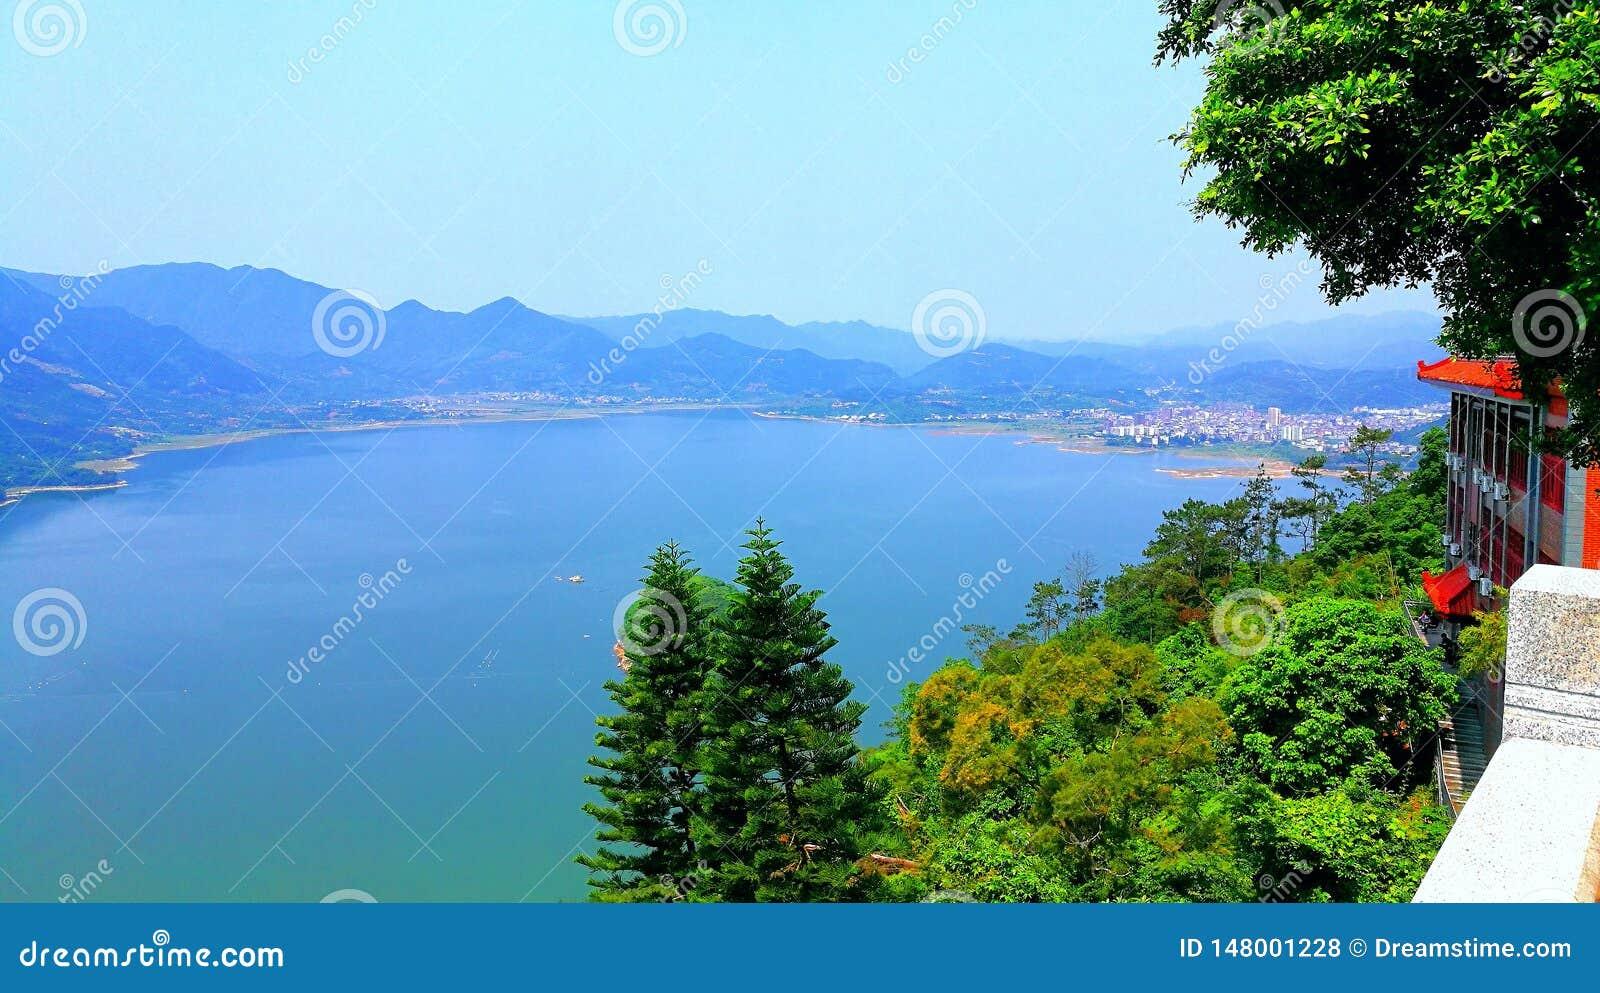 Чудесное озеро с маленьким городом